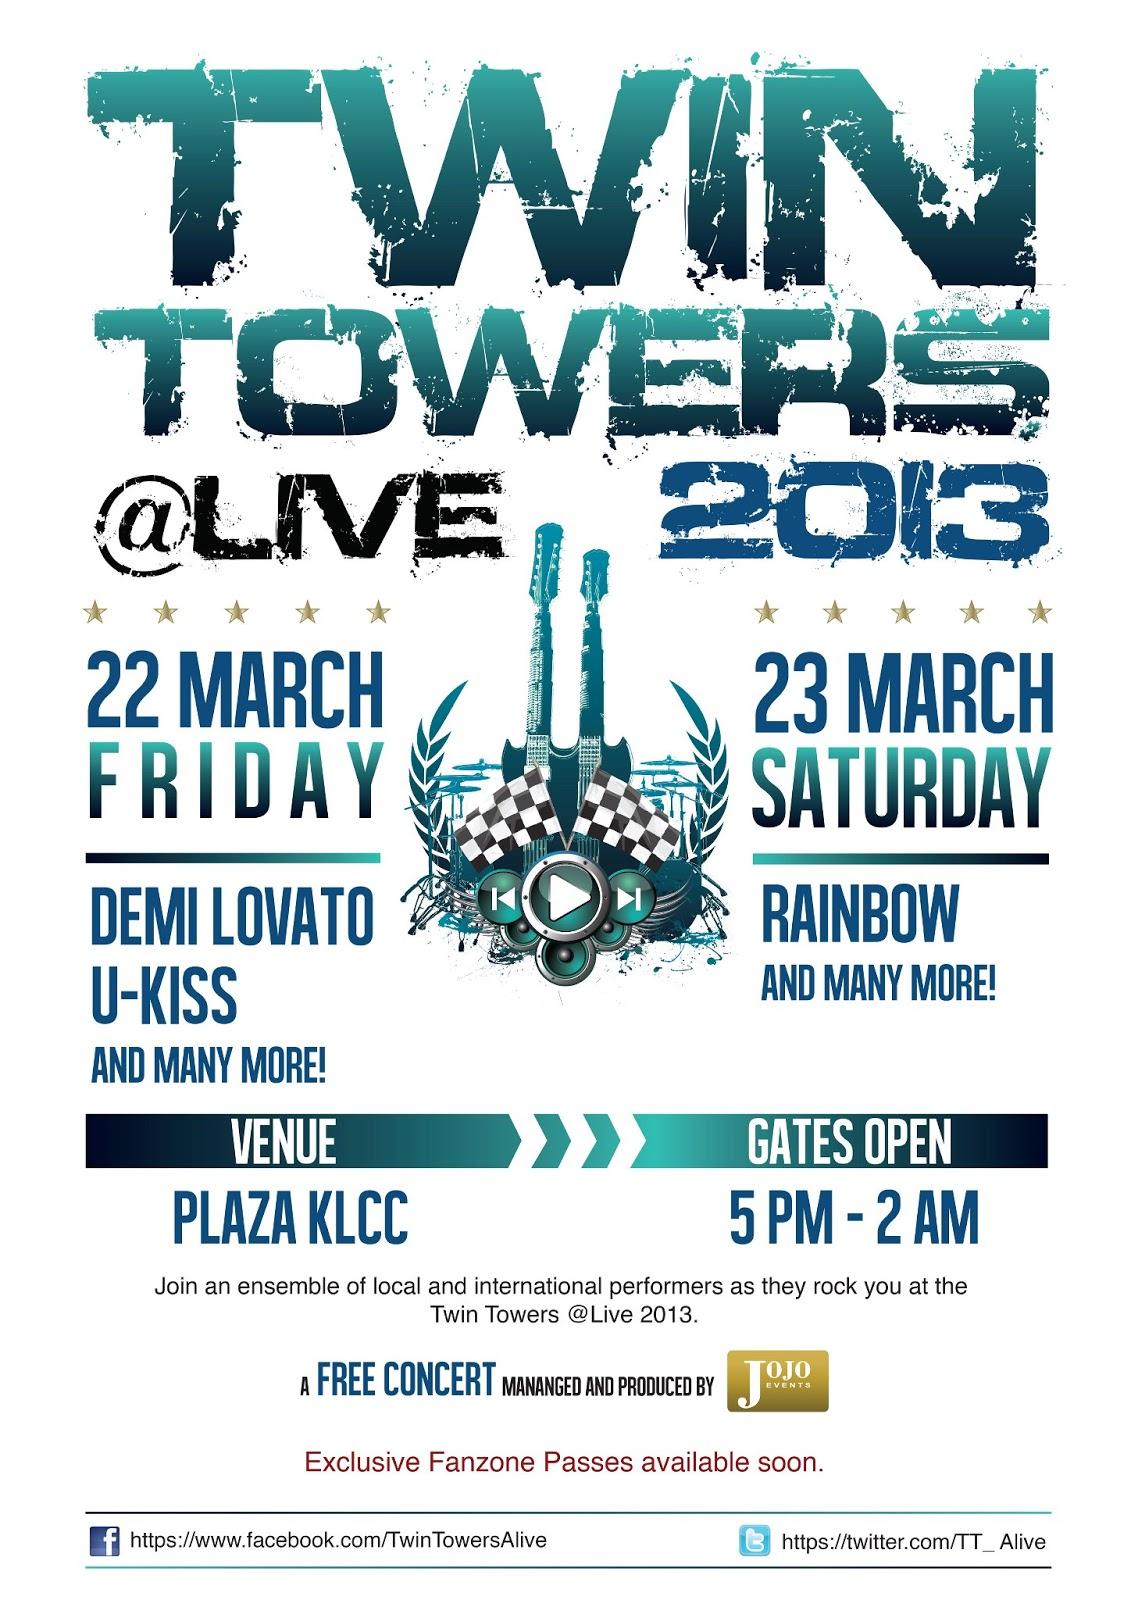 http://3.bp.blogspot.com/-UMjRSfpXeU0/UQuXQfbp6aI/AAAAAAABsf0/8OOAjKmugWQ/s1600/Twin+Towers+Alive+2013+Demi+Lovato+UKISS+Girls+Day.jpg